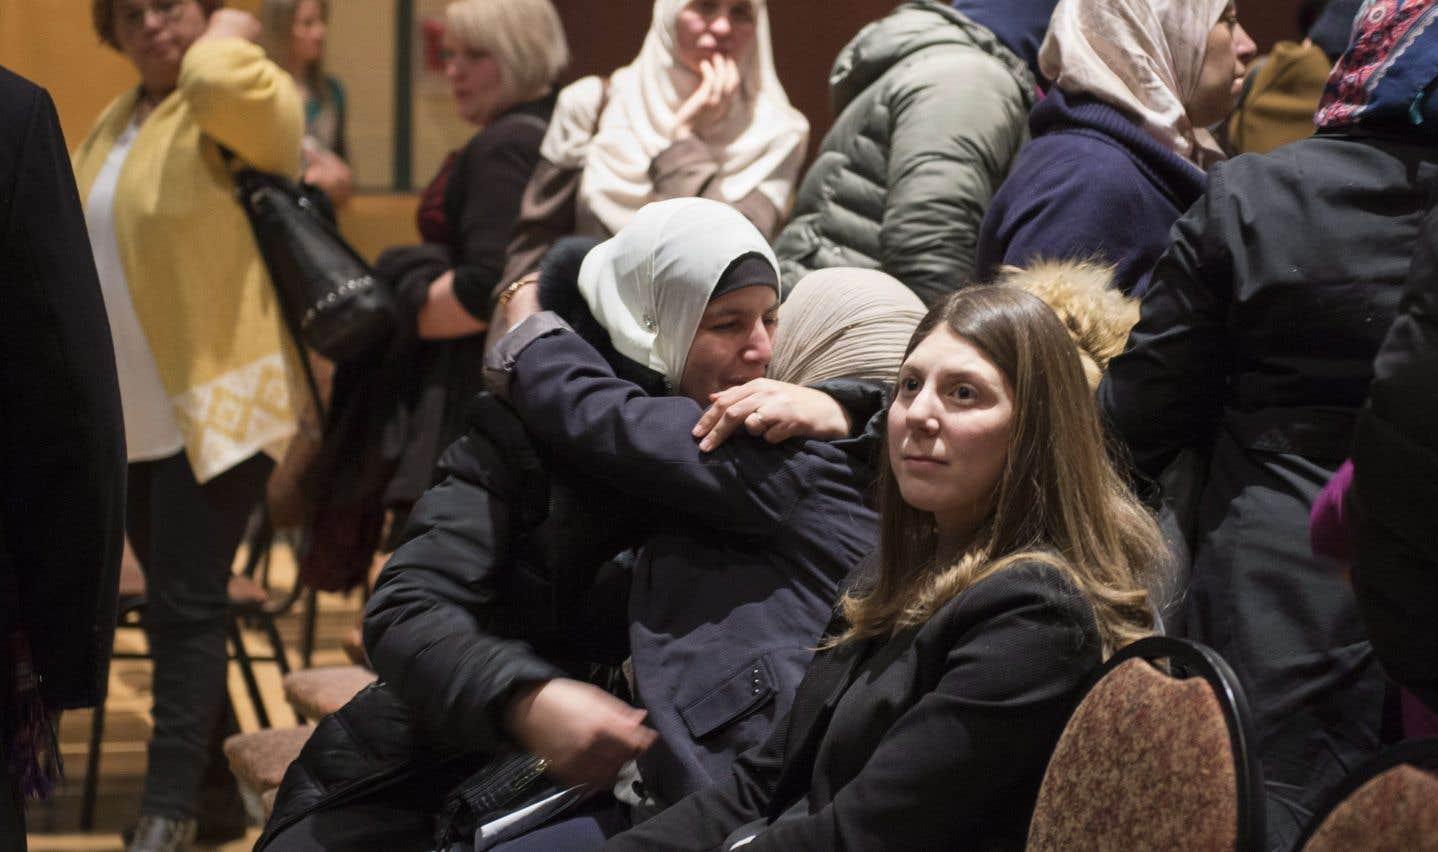 L'ambiance était émotive sur les lieux, les proches des victimes avaient du mal à contenir leurs sanglots.